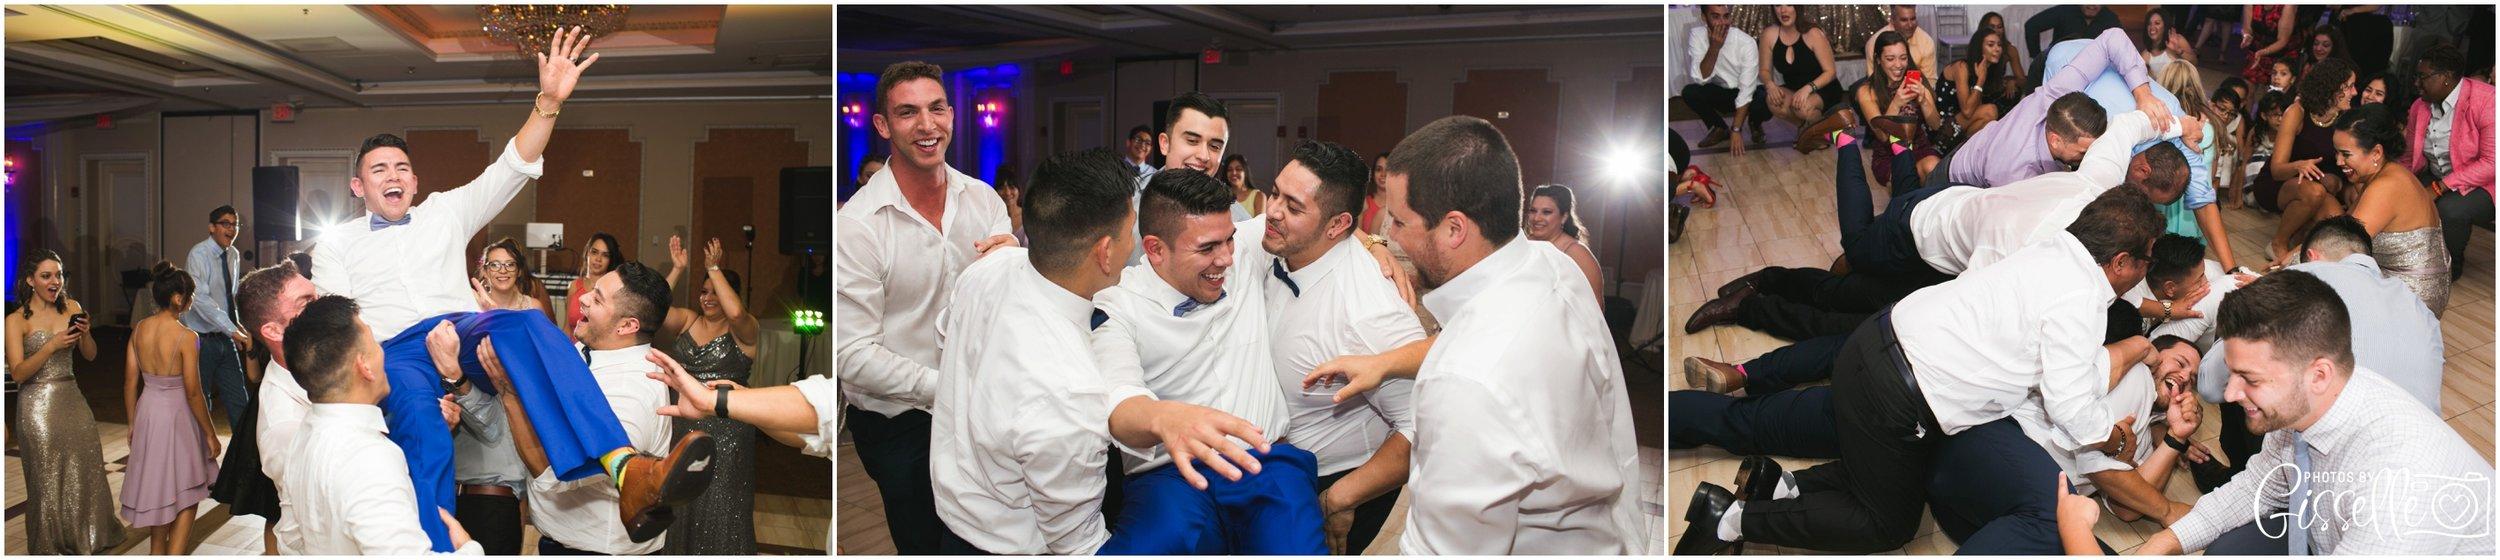 Astoria Banquets Wedding034.jpg